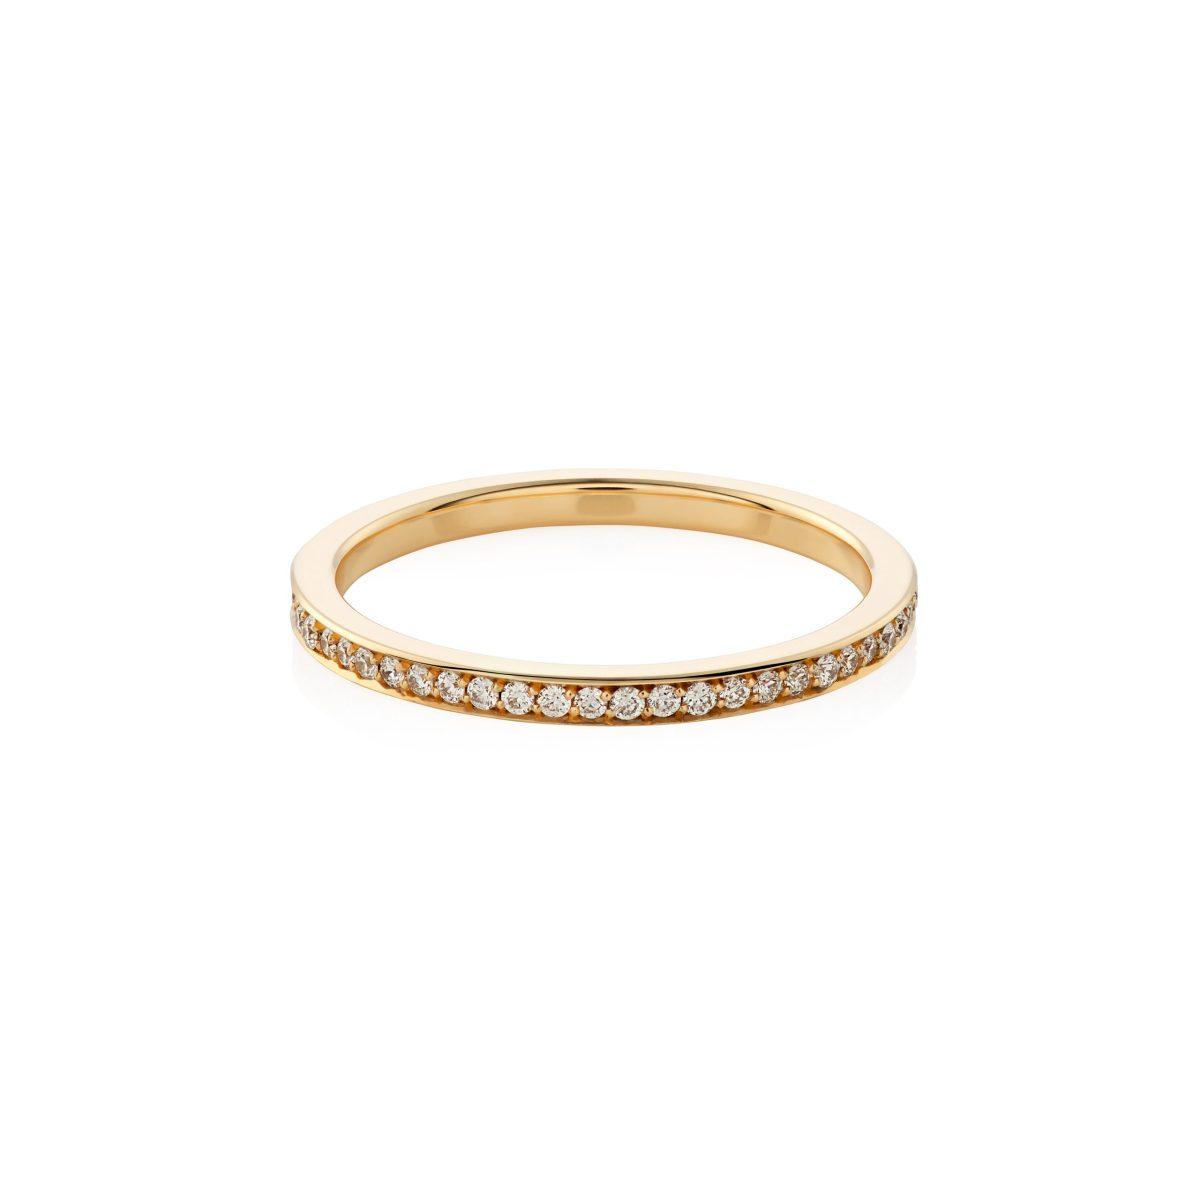 Simona_Samojauskaite_Pave_diamond_ring